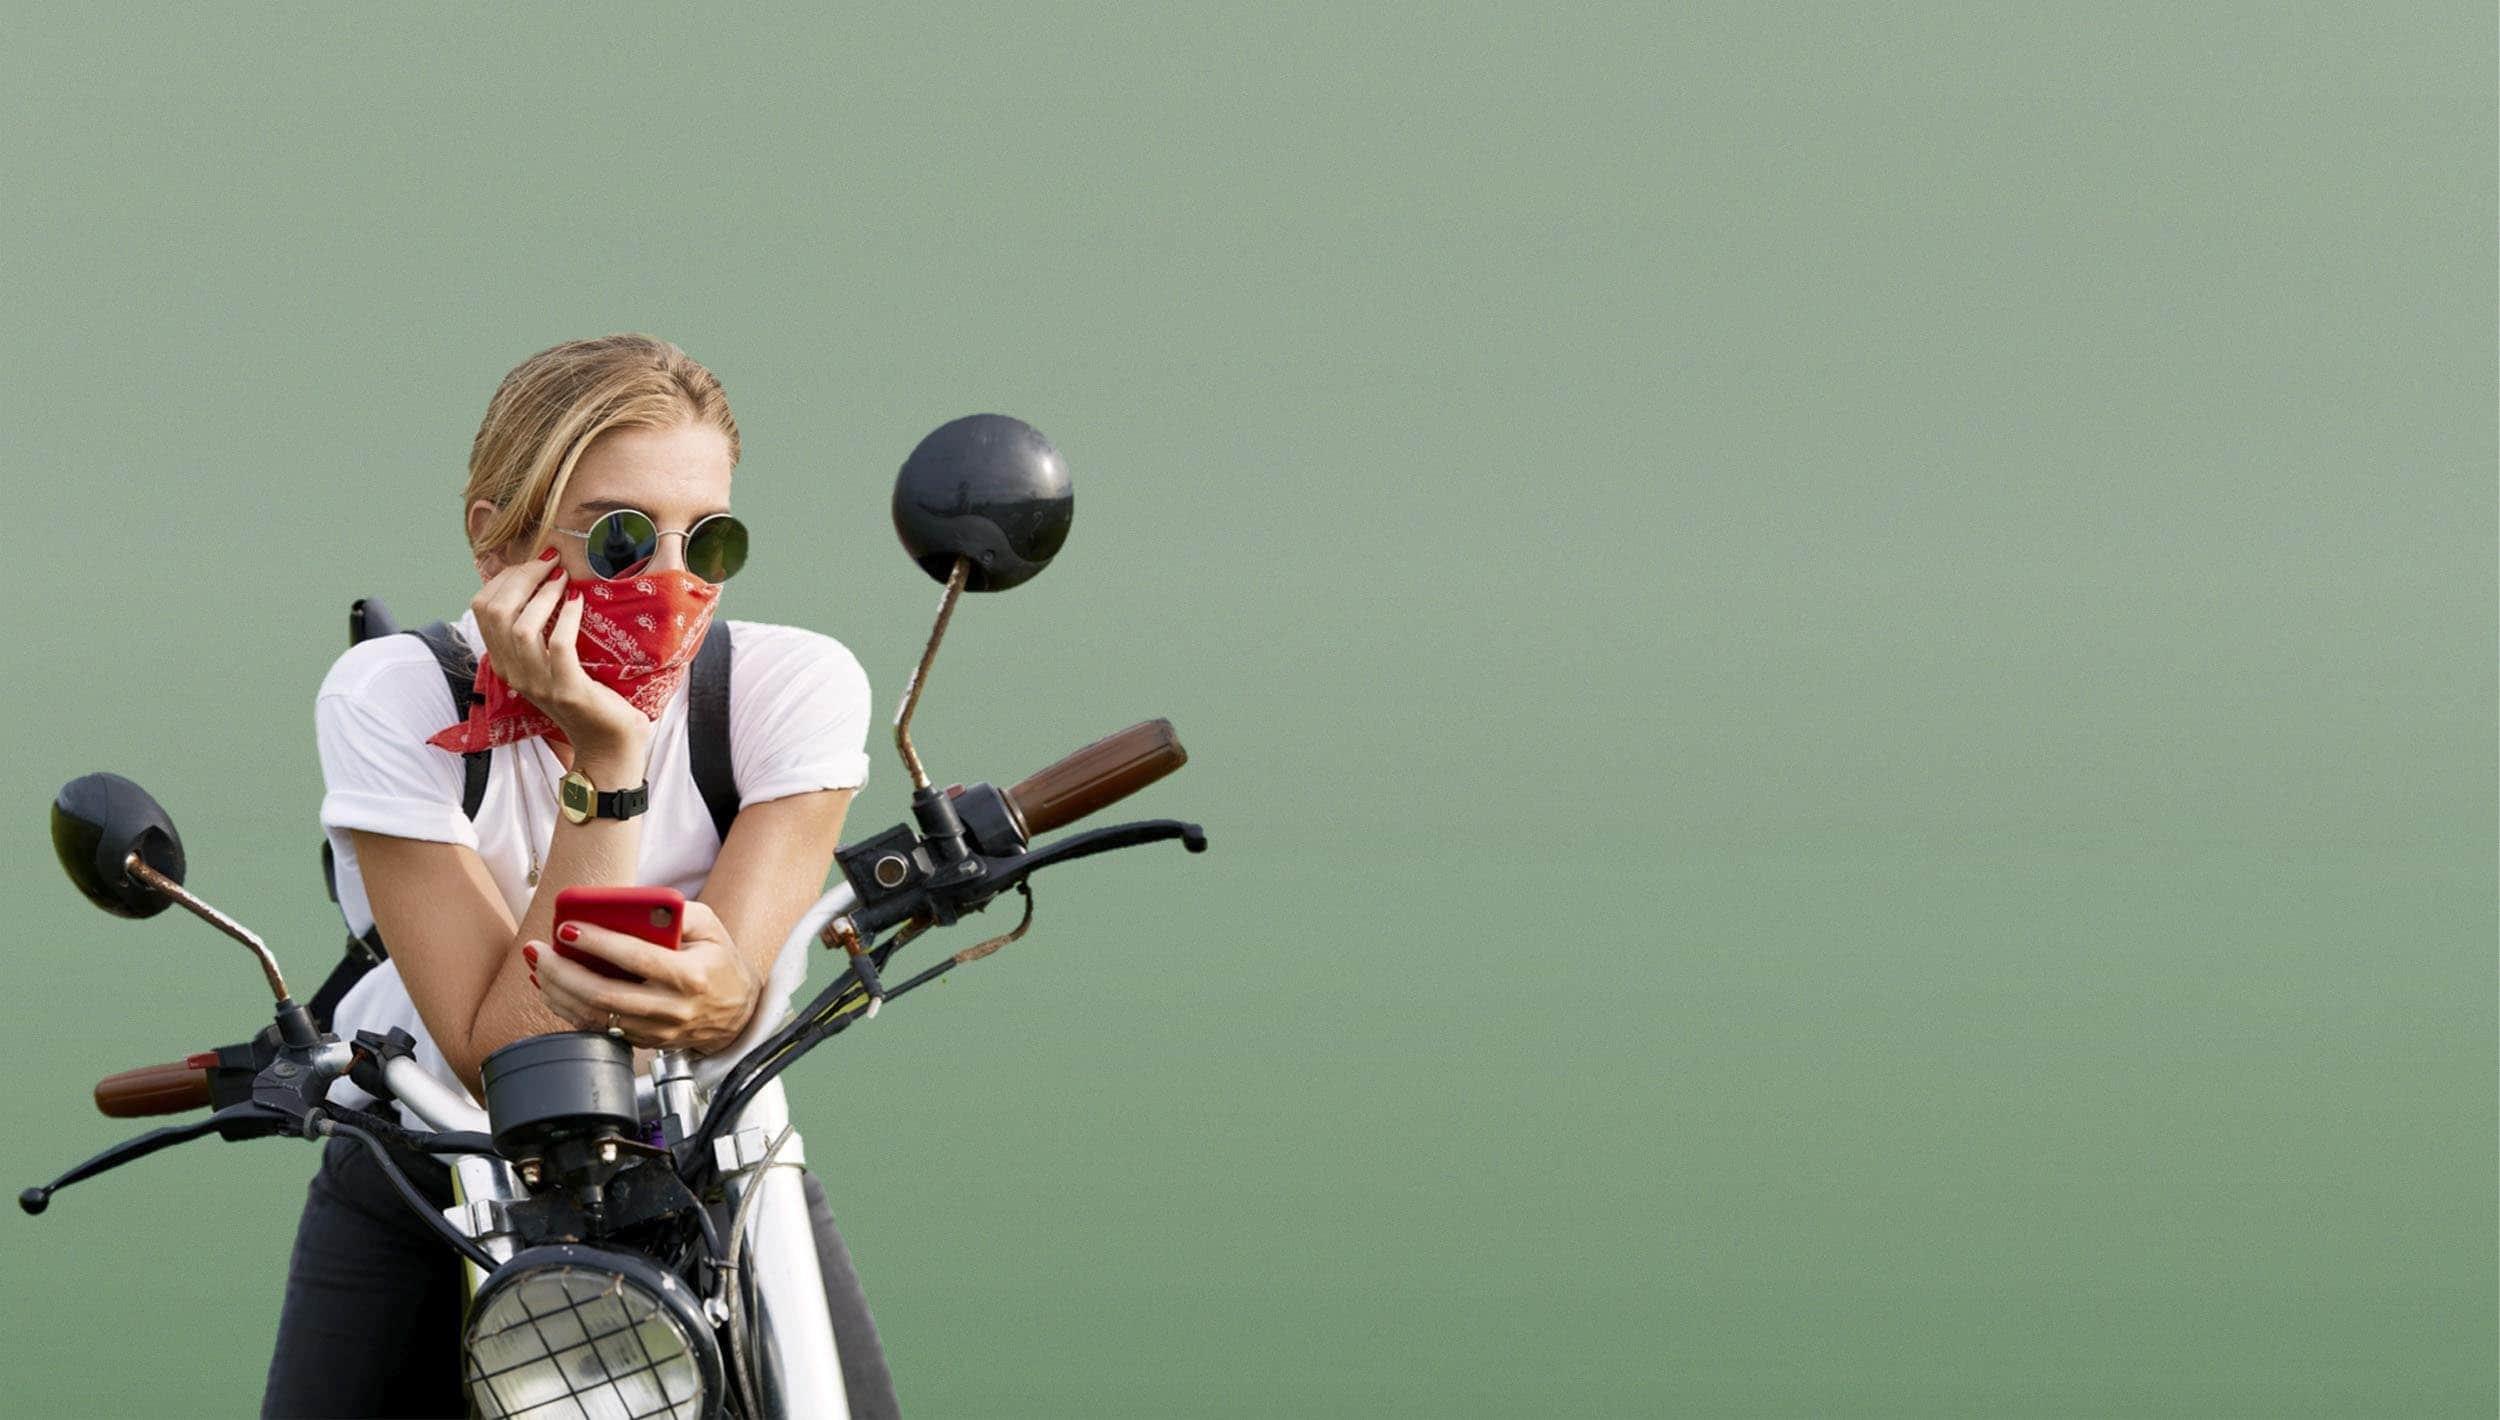 Mujer rubia con pañuelo rojo y gafas de sol, sentada en una moto custom sosteniendo un móvil rojo